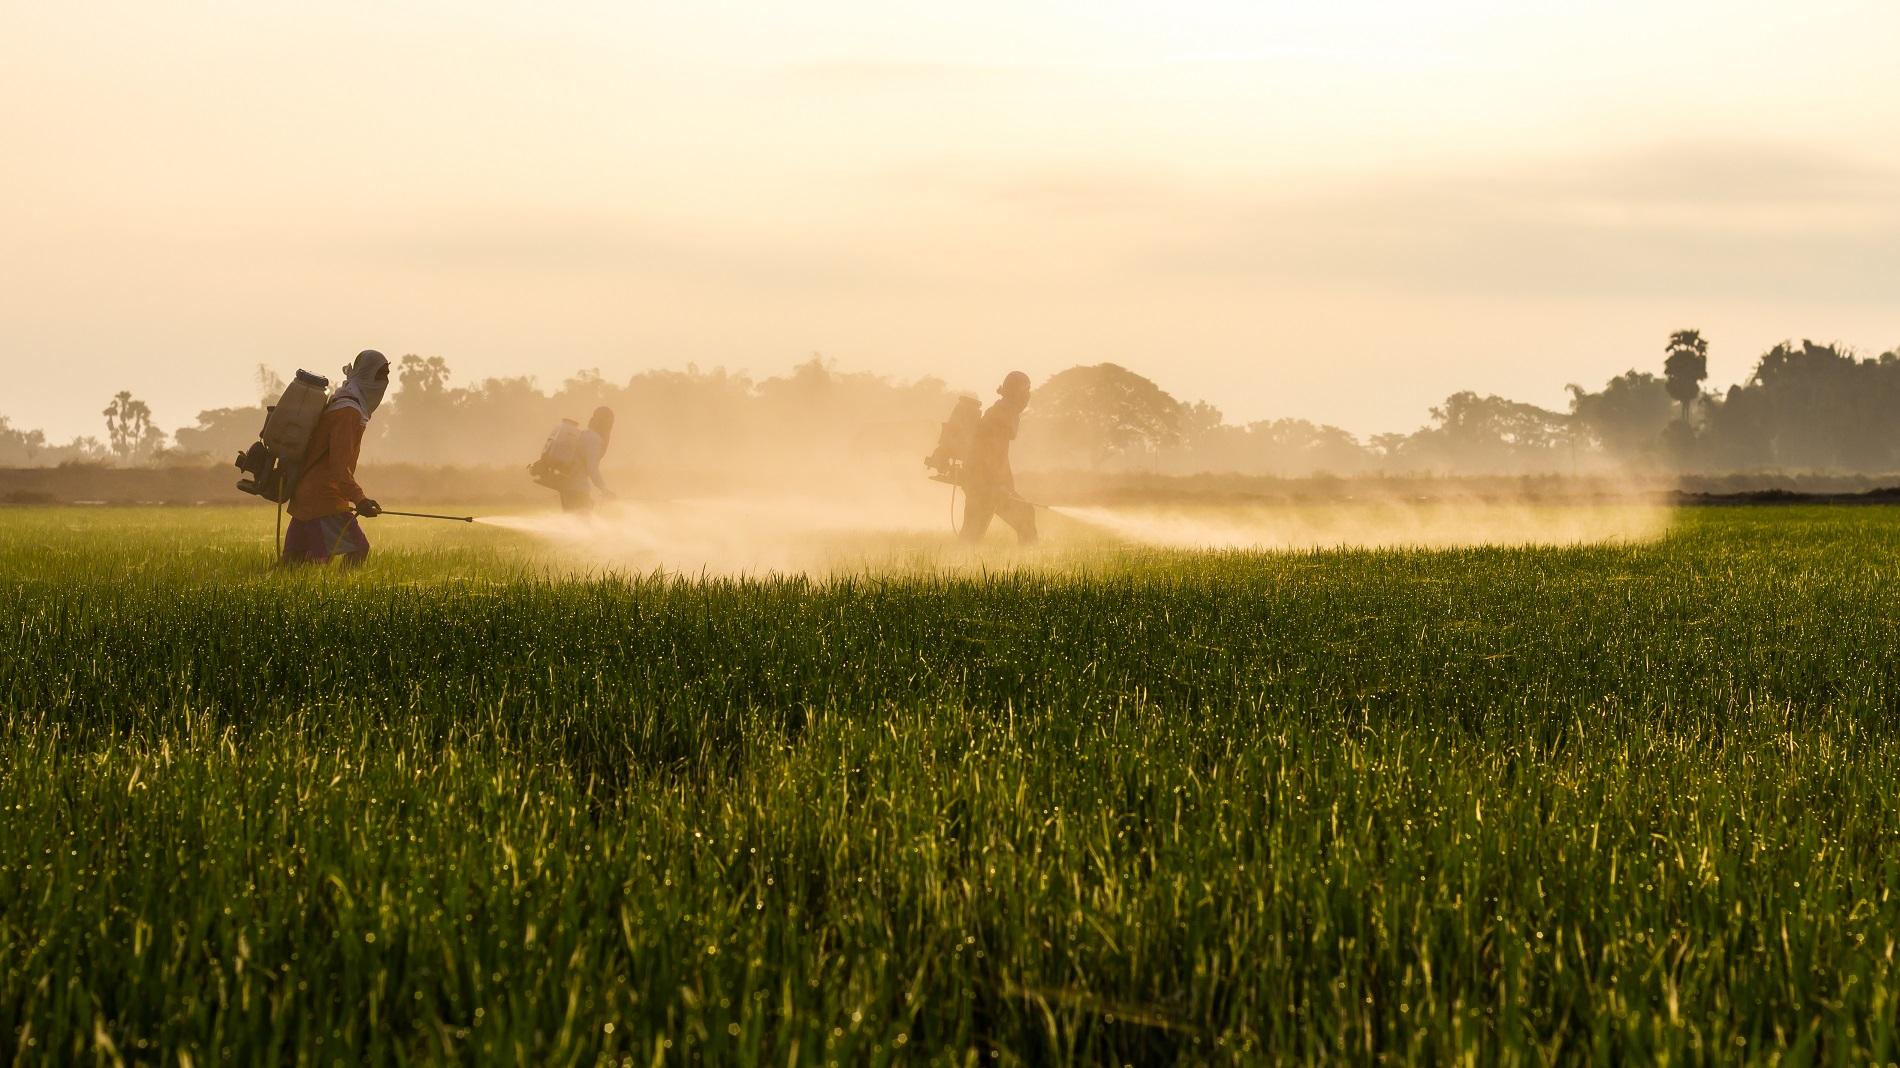 Riesgos asociados al uso de productos fitosanitarios ilegales